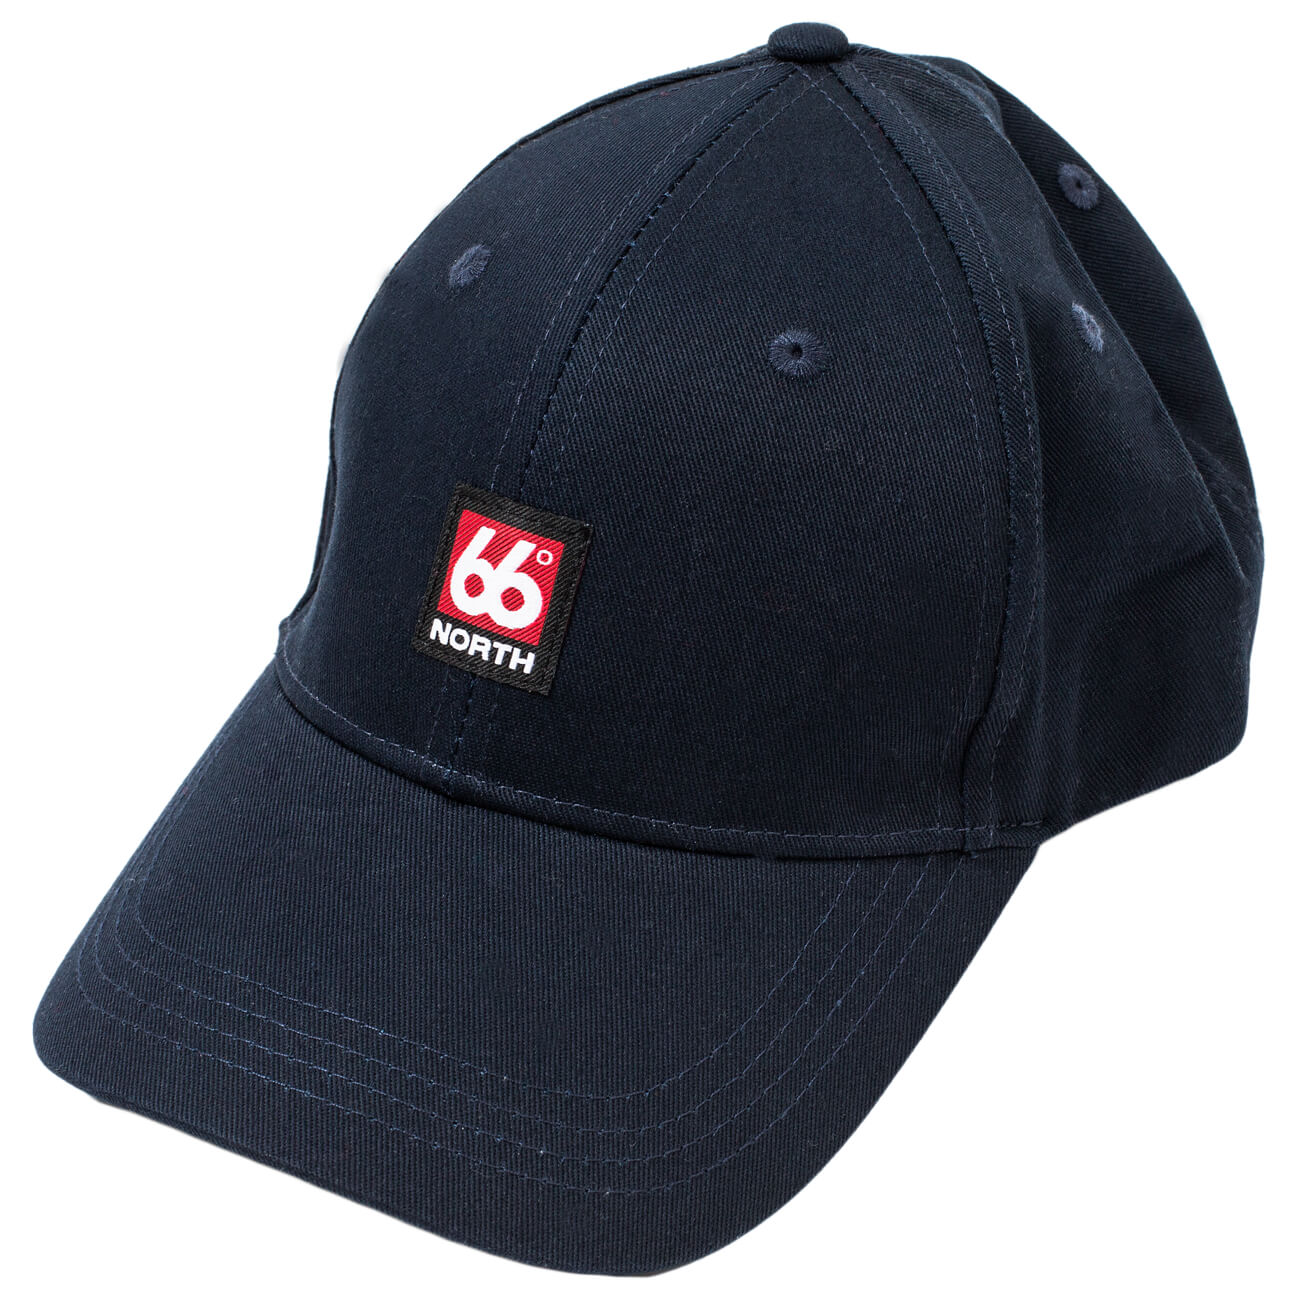 66 North Logn Cap Patch Cap Buy Online Alpinetrek Co Uk